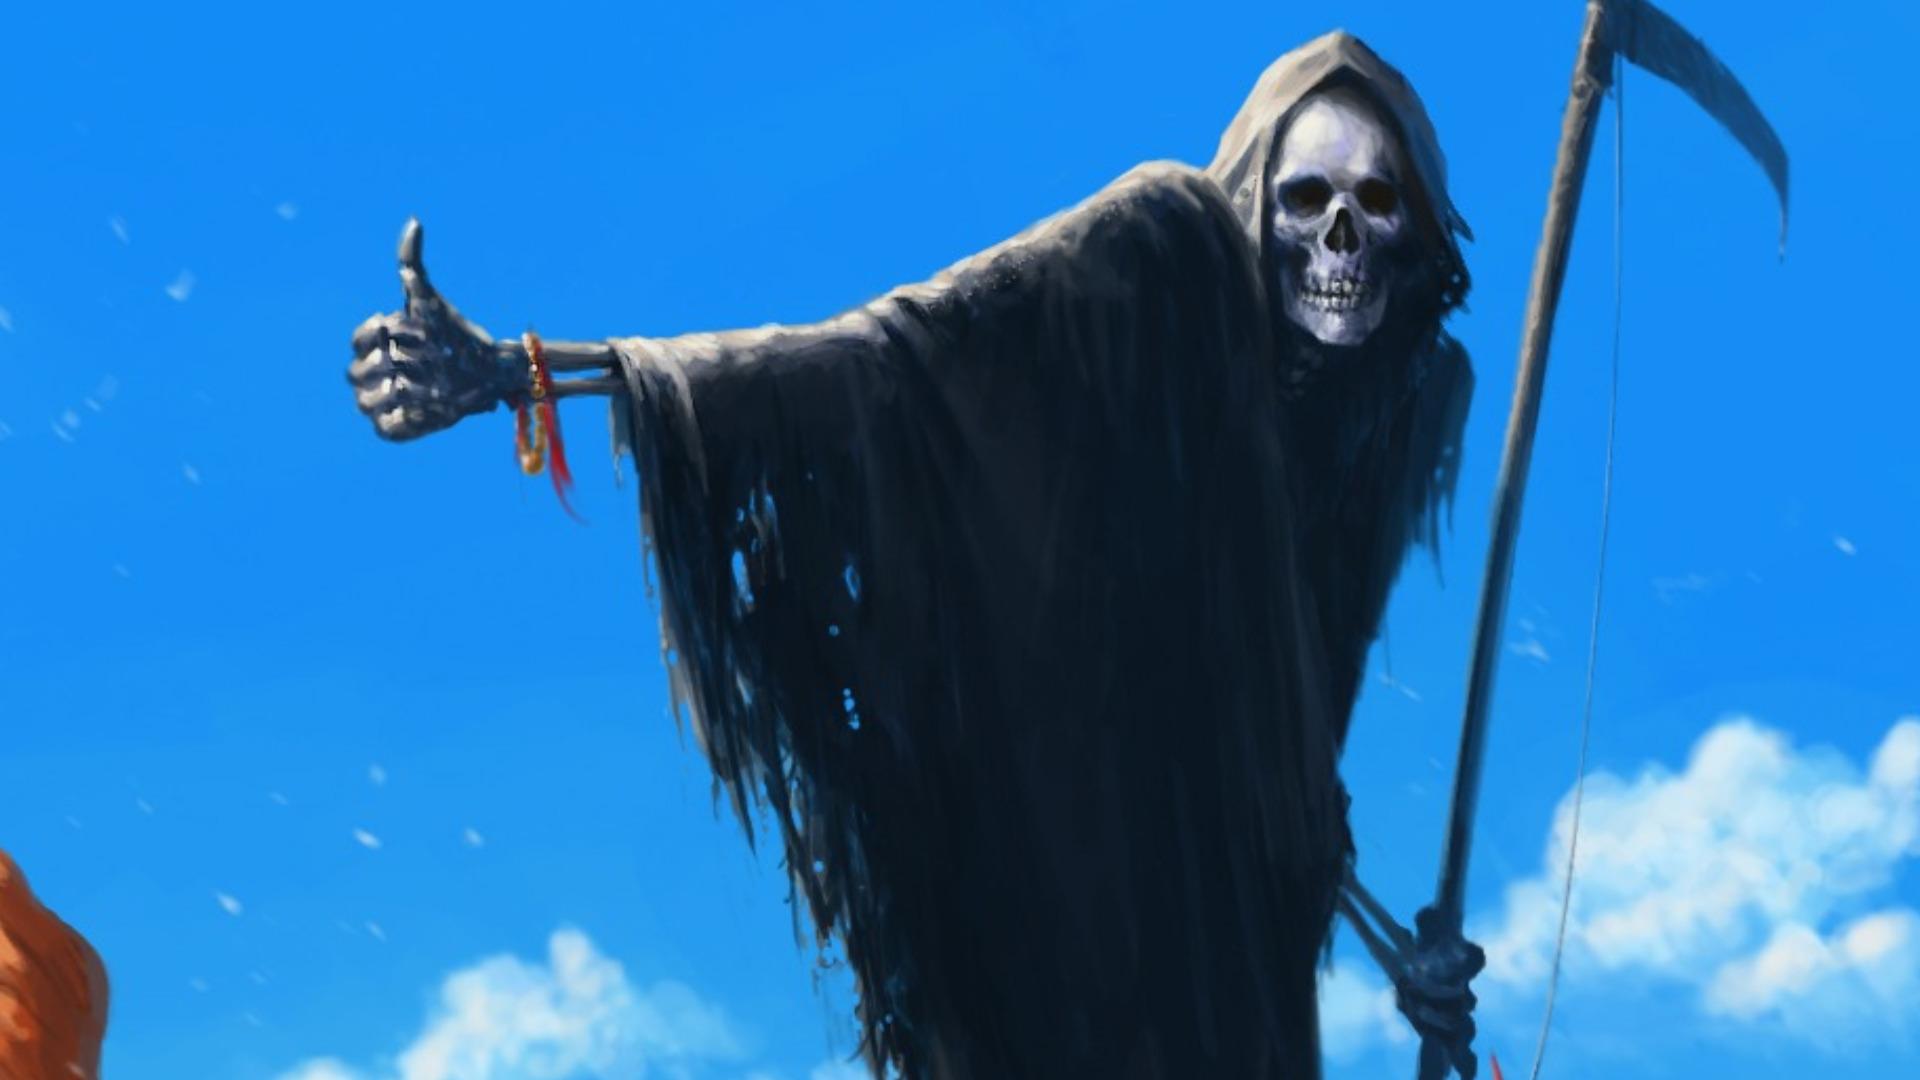 42 Scary Grim Reaper Wallpaper On Wallpapersafari